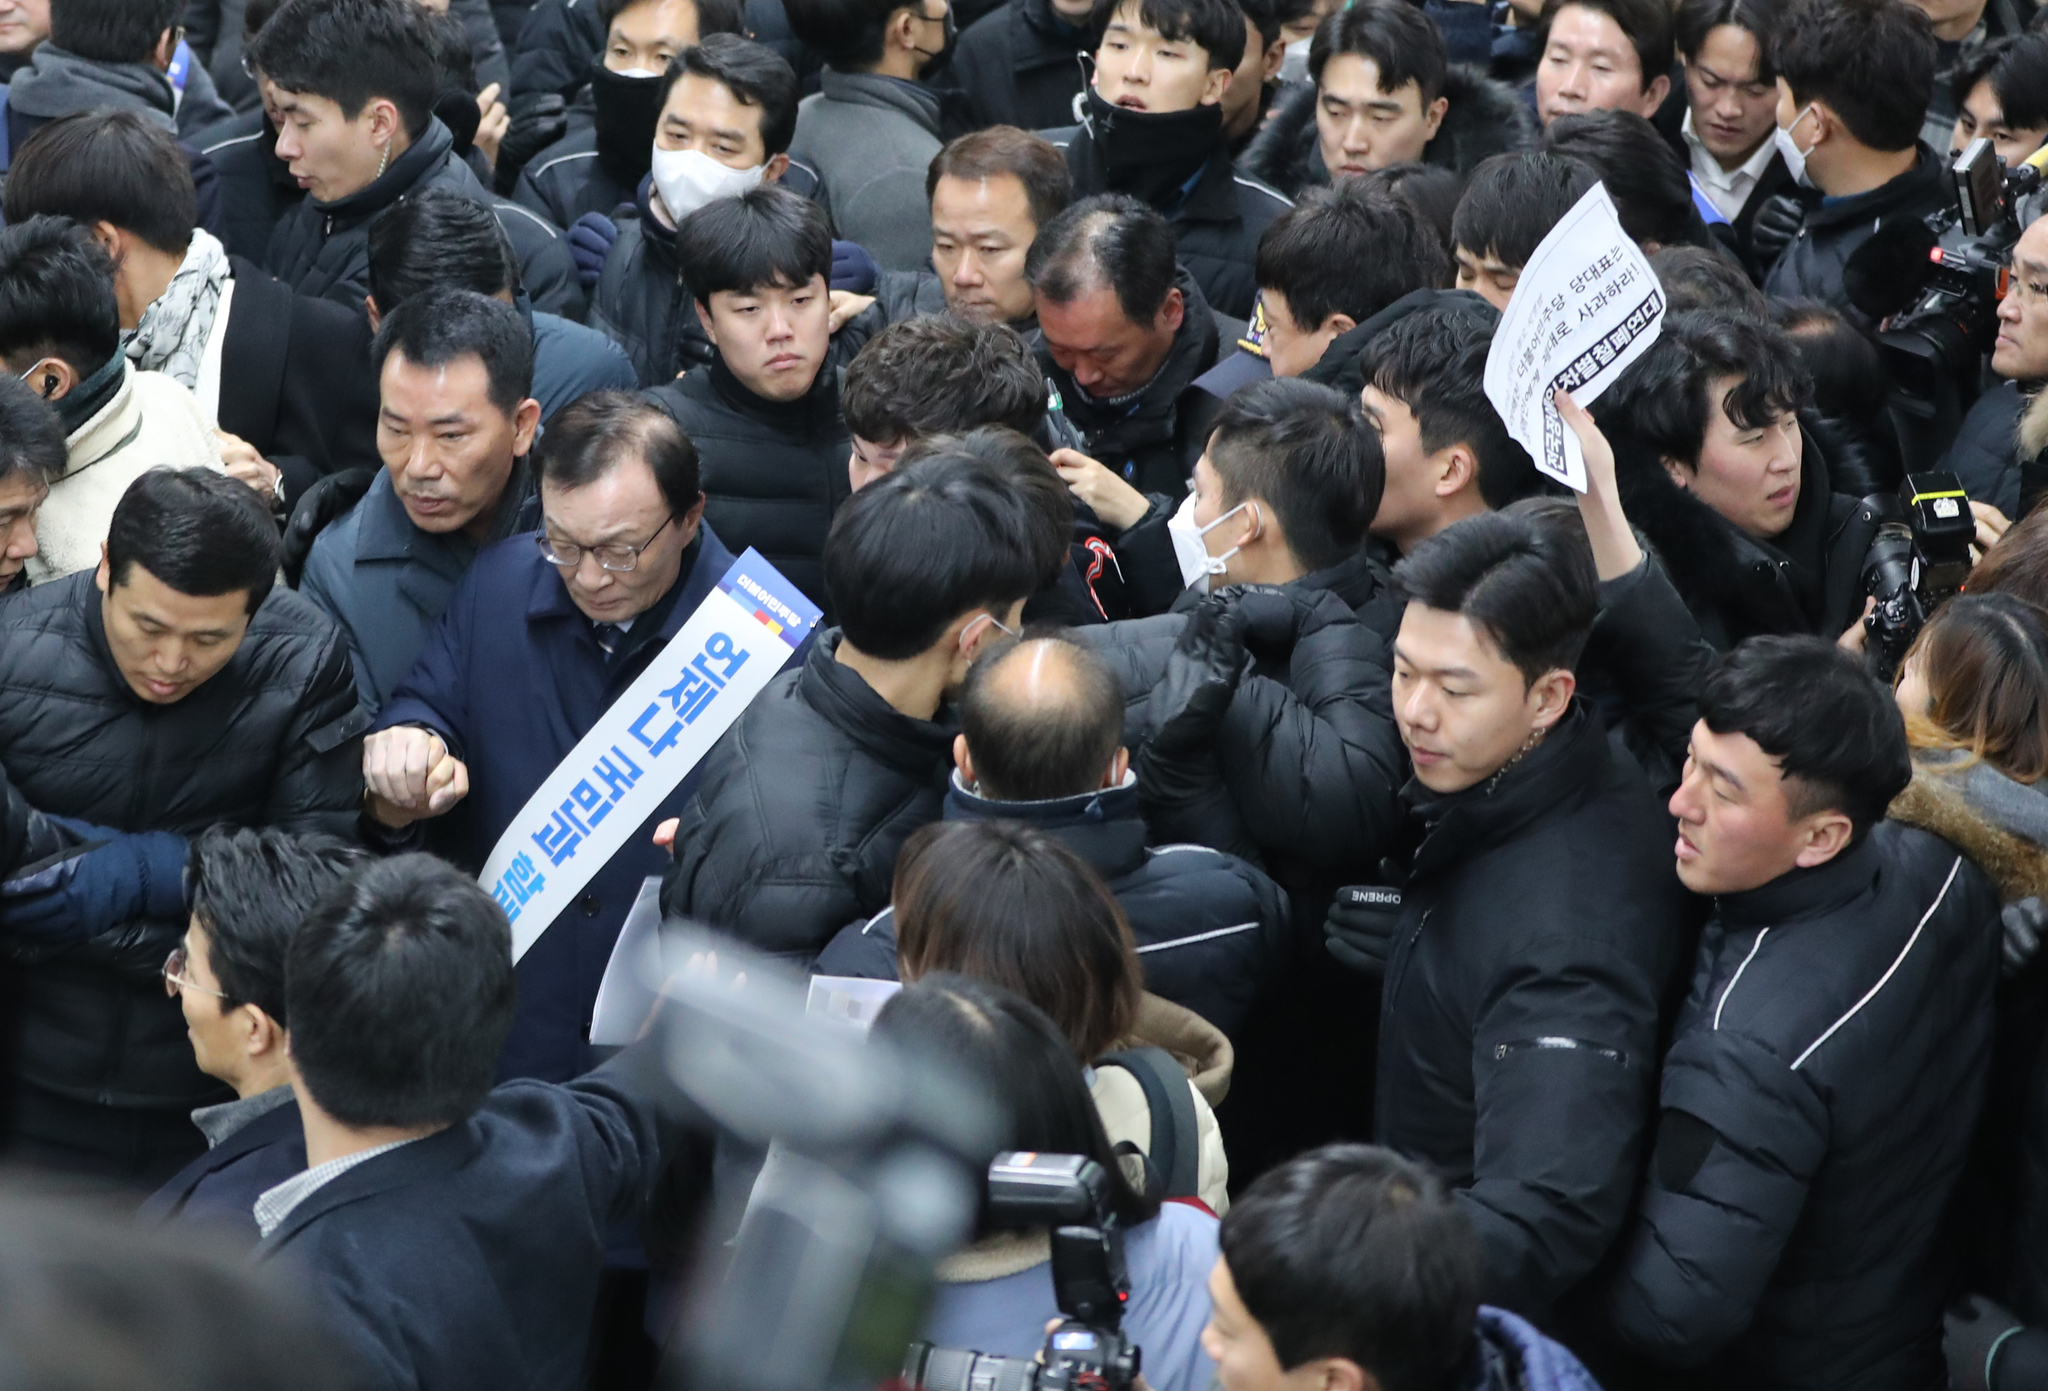 더불어민주당 이해찬 대표가 23일 오전 서울 용산역에서 귀성객들에게 설 인사를 한뒤 장애인 단체의 사과 요구를 받으며 승강장을 빠져나가고 있다. [연합뉴스]